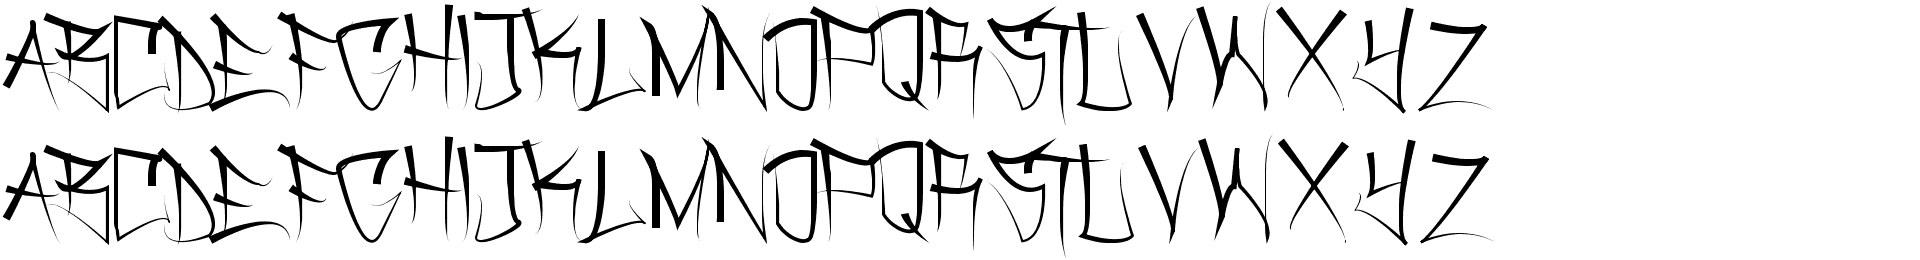 Dirtgrub Graffiti